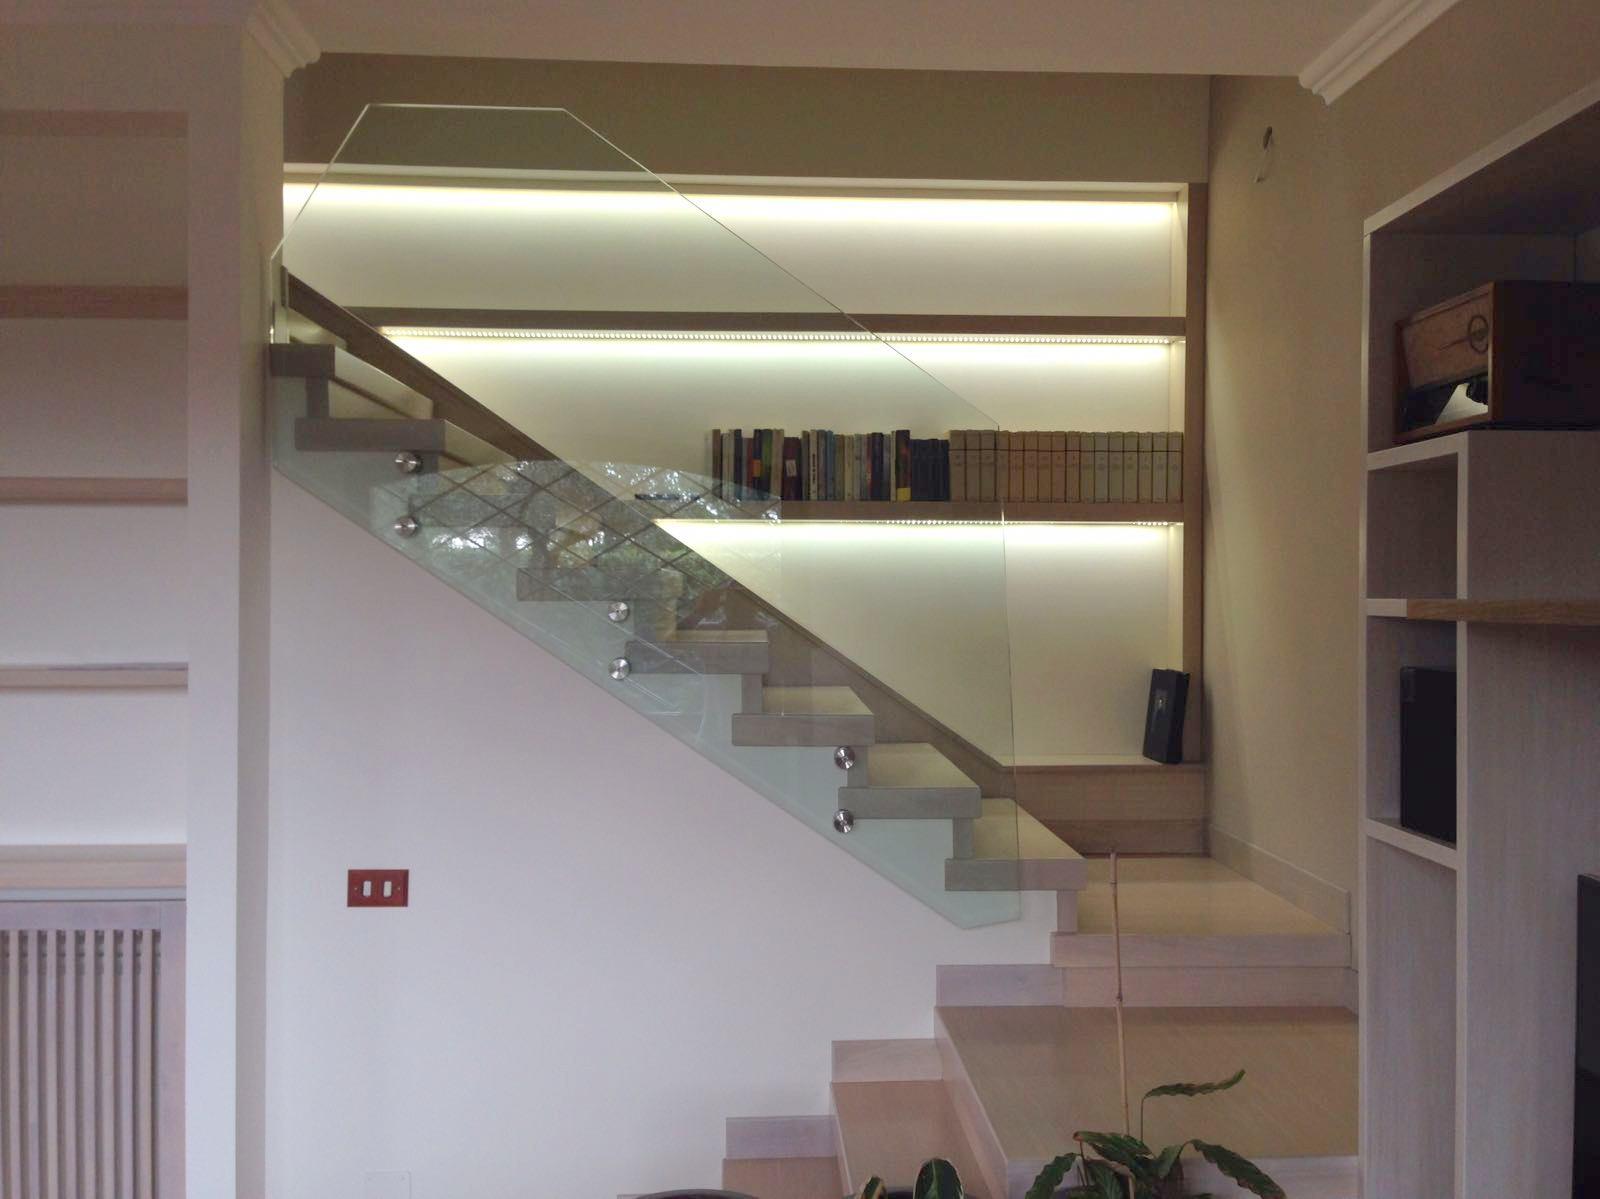 librerie per vano scale Roma ESCAPE='HTML'